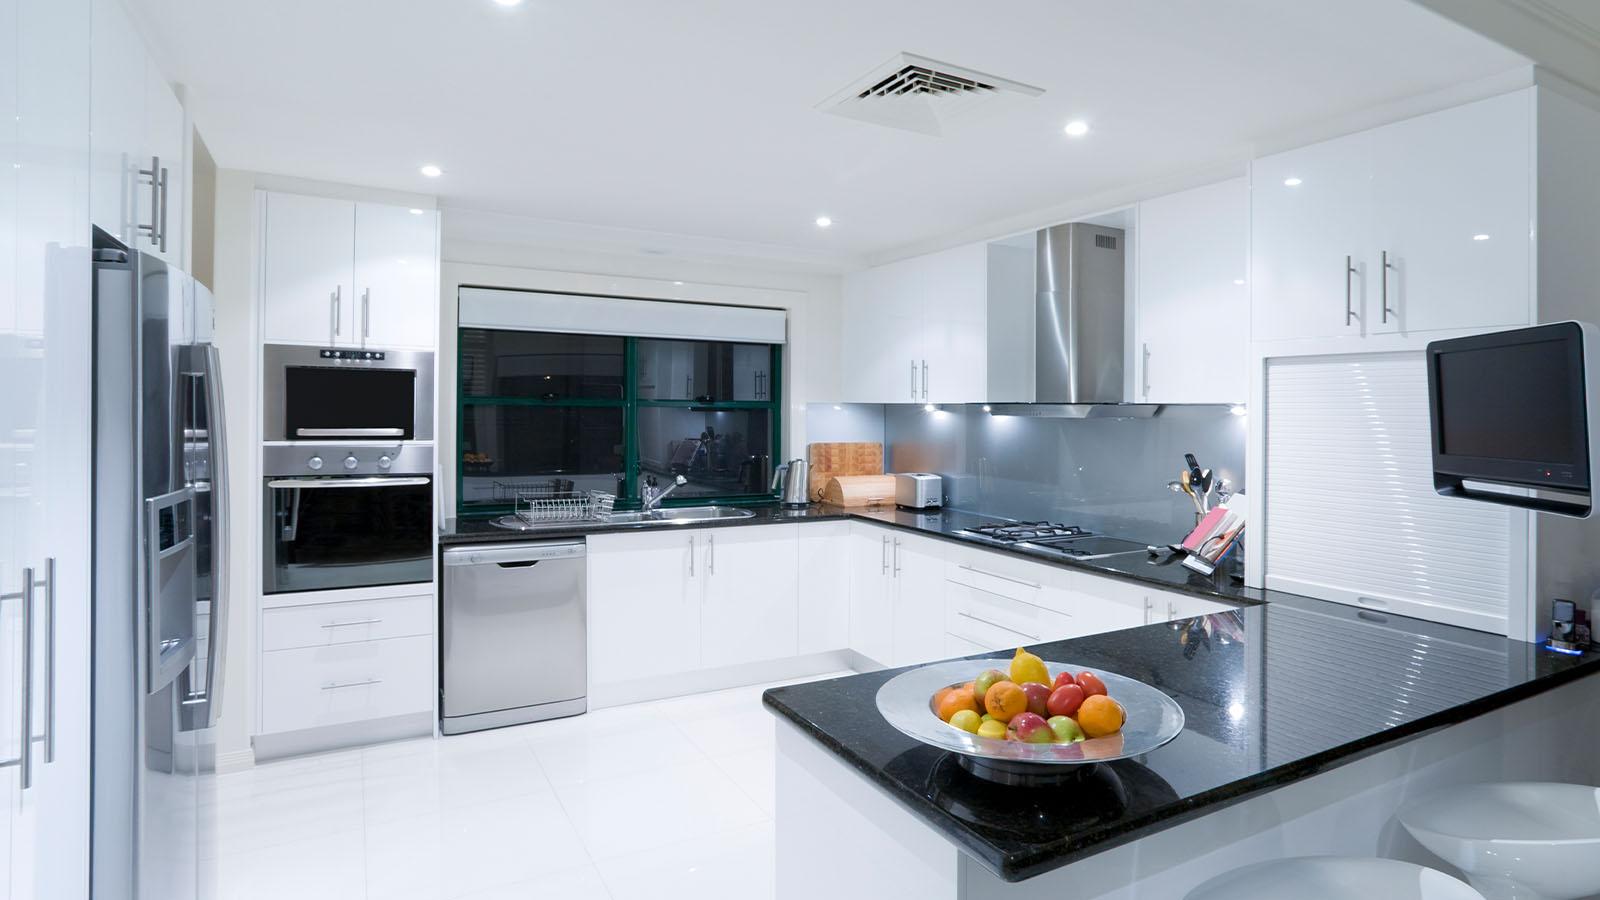 Helle Küche mit grauer Küchenrückwand